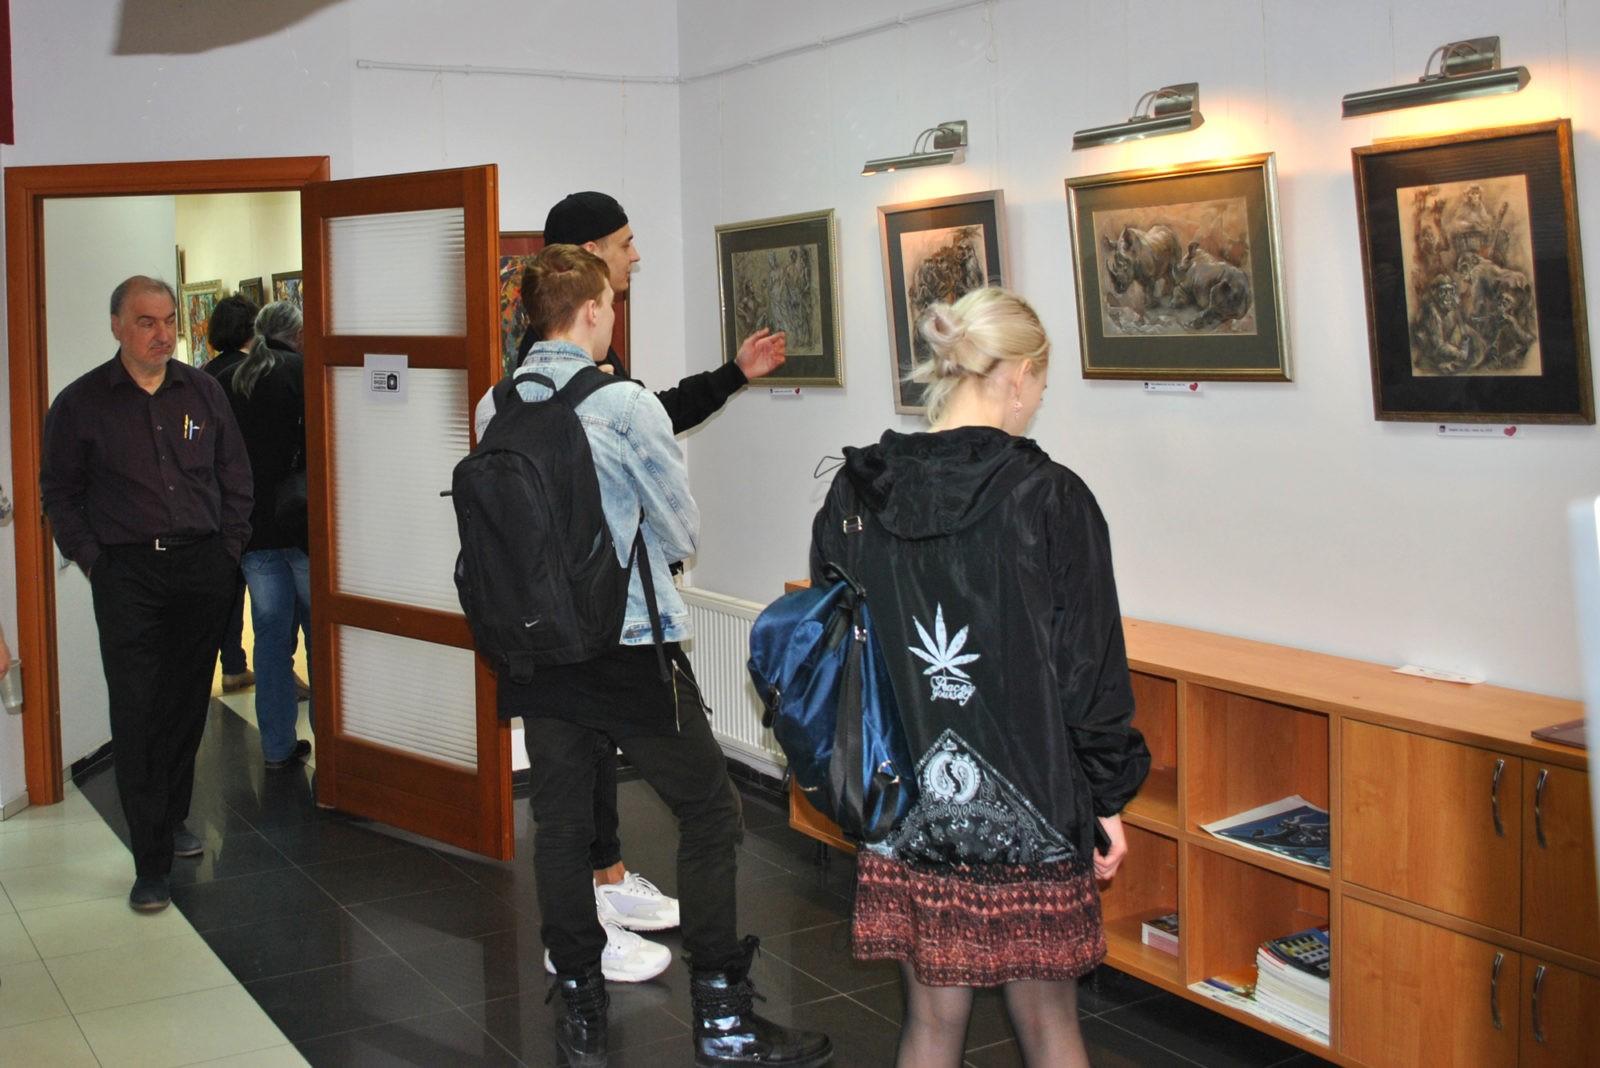 23 апреля 2019г. - Открытие выставки Филатовой Н.Г.